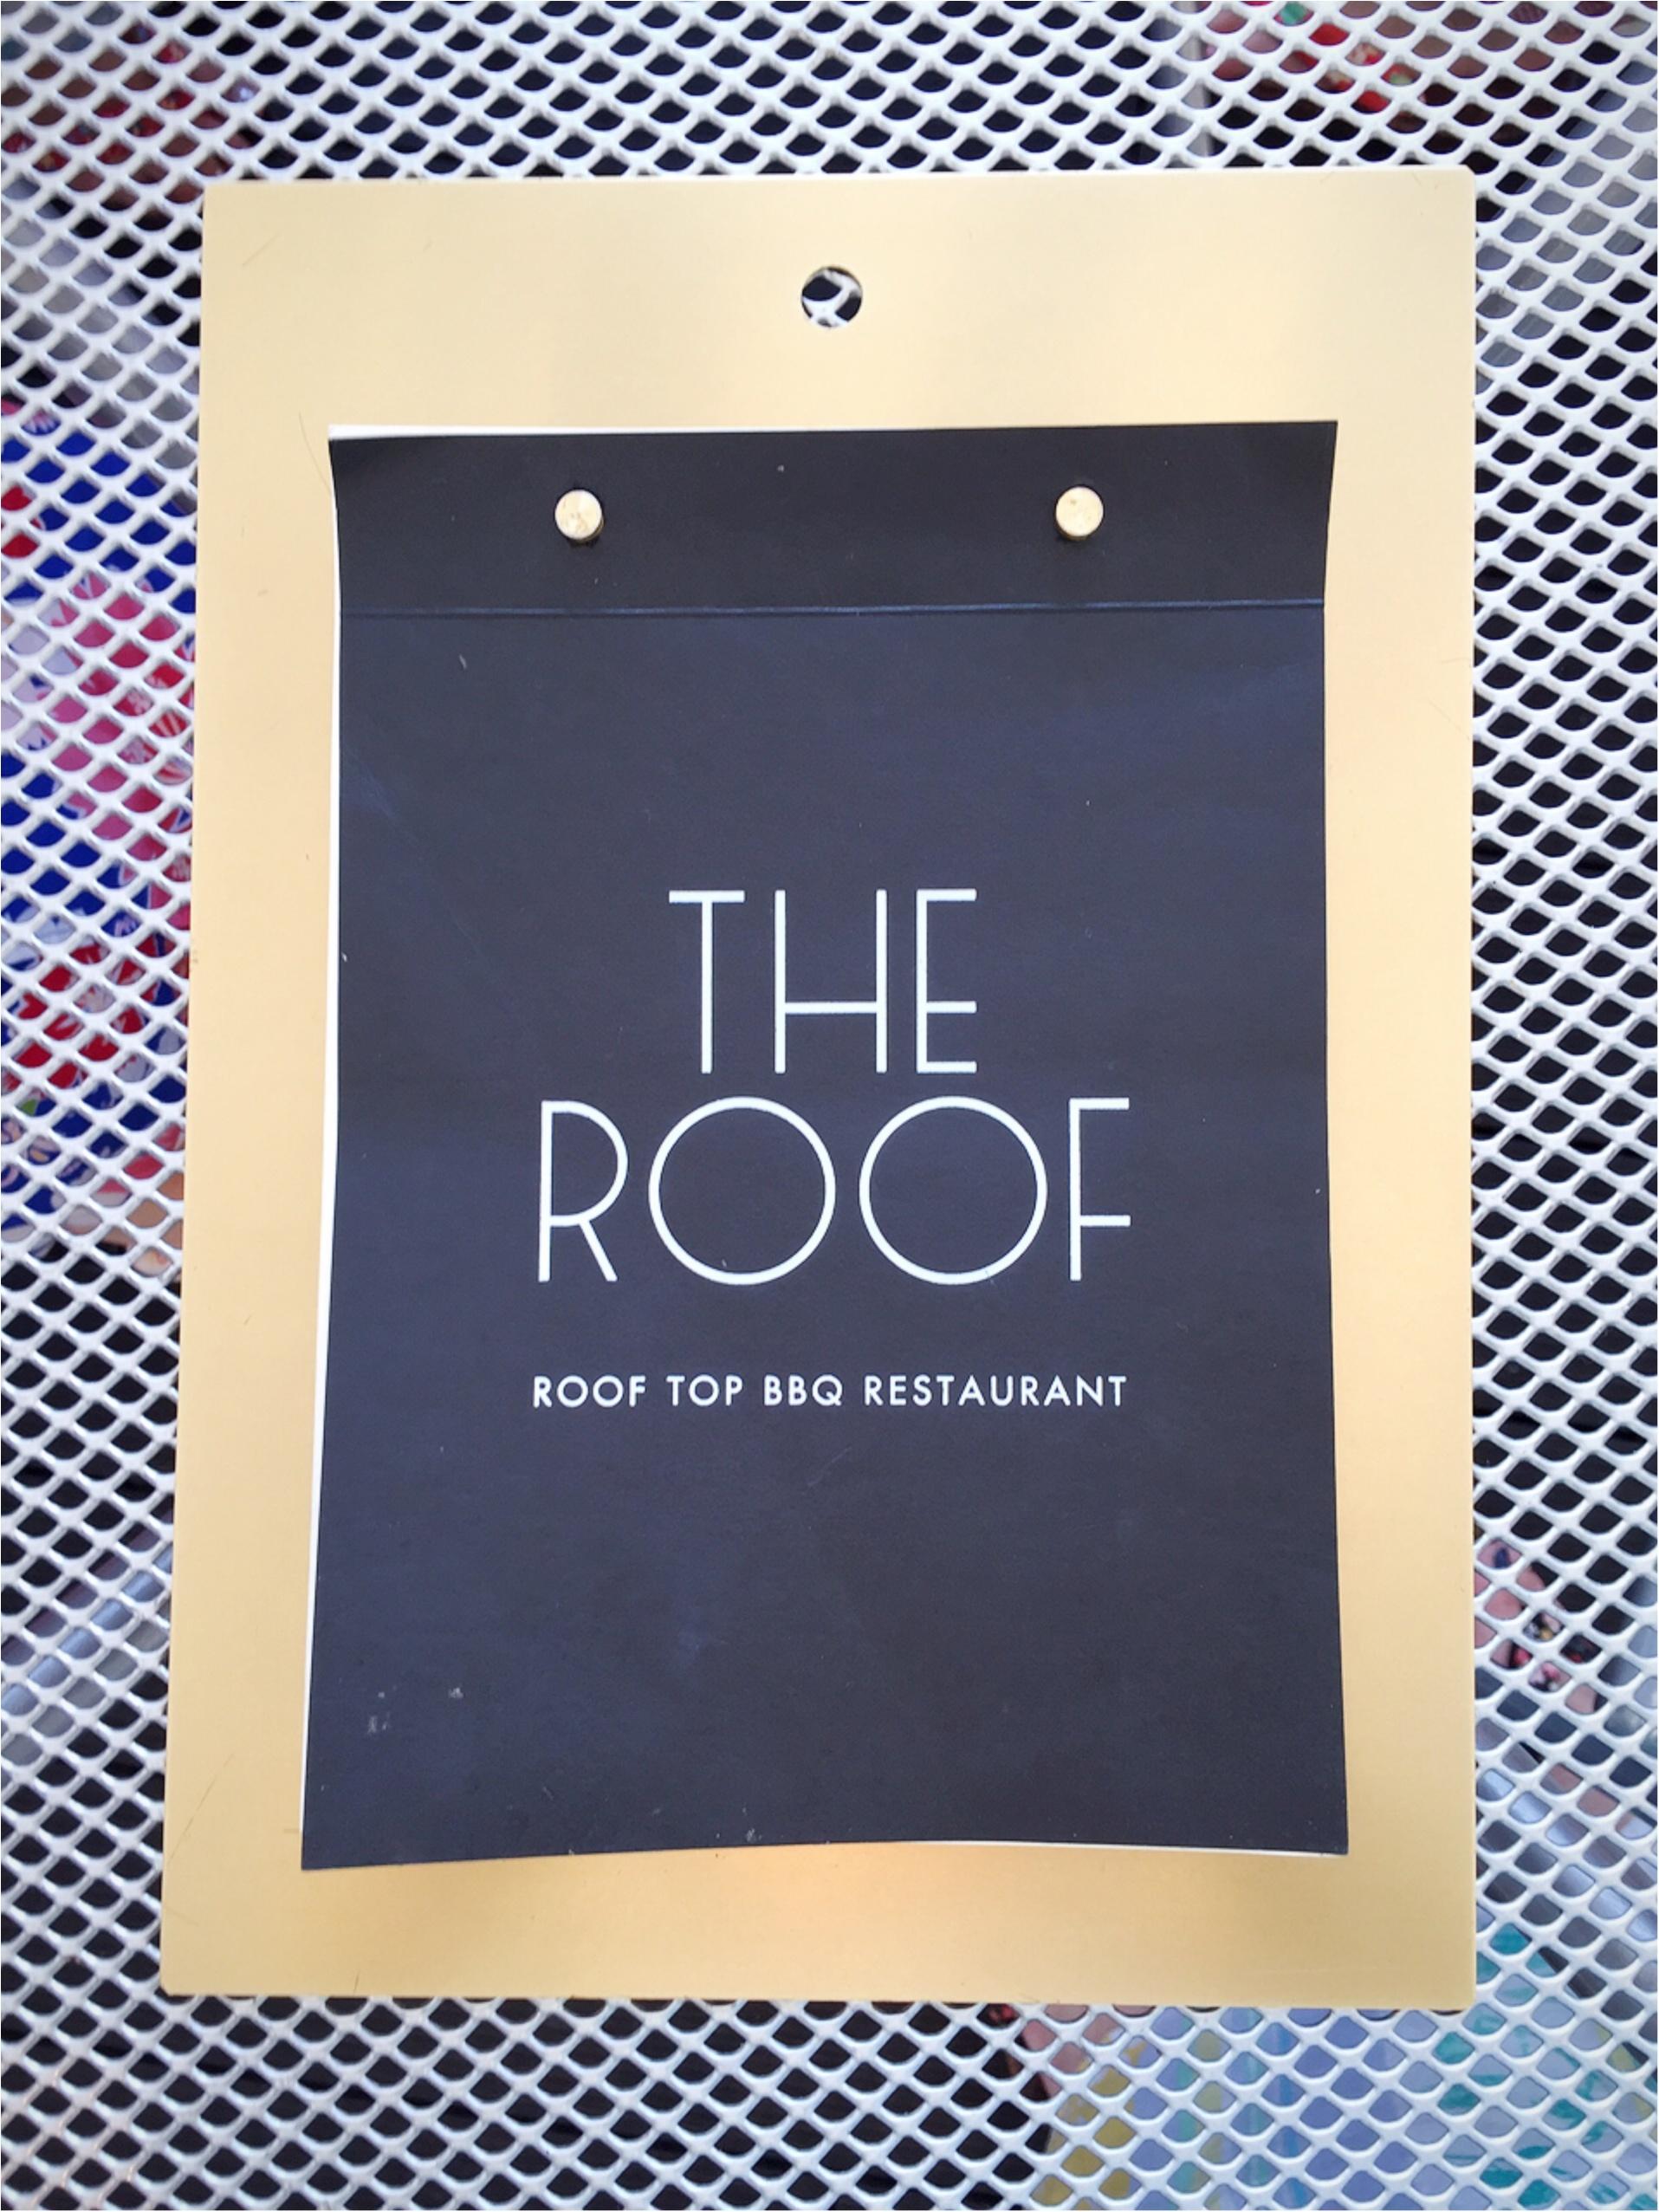 噂のオシャレすぎるビアガーデン【THE ROOF】で浴衣女子会♡_1